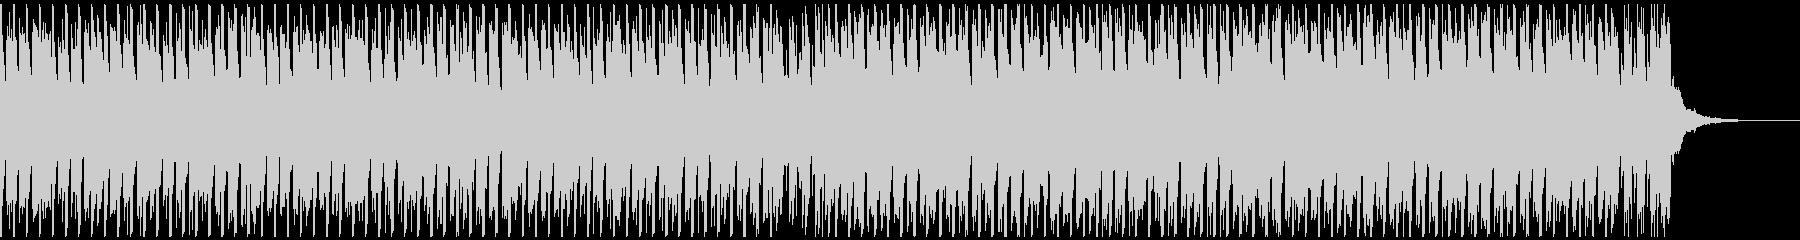 サマーポップ(60秒)の未再生の波形